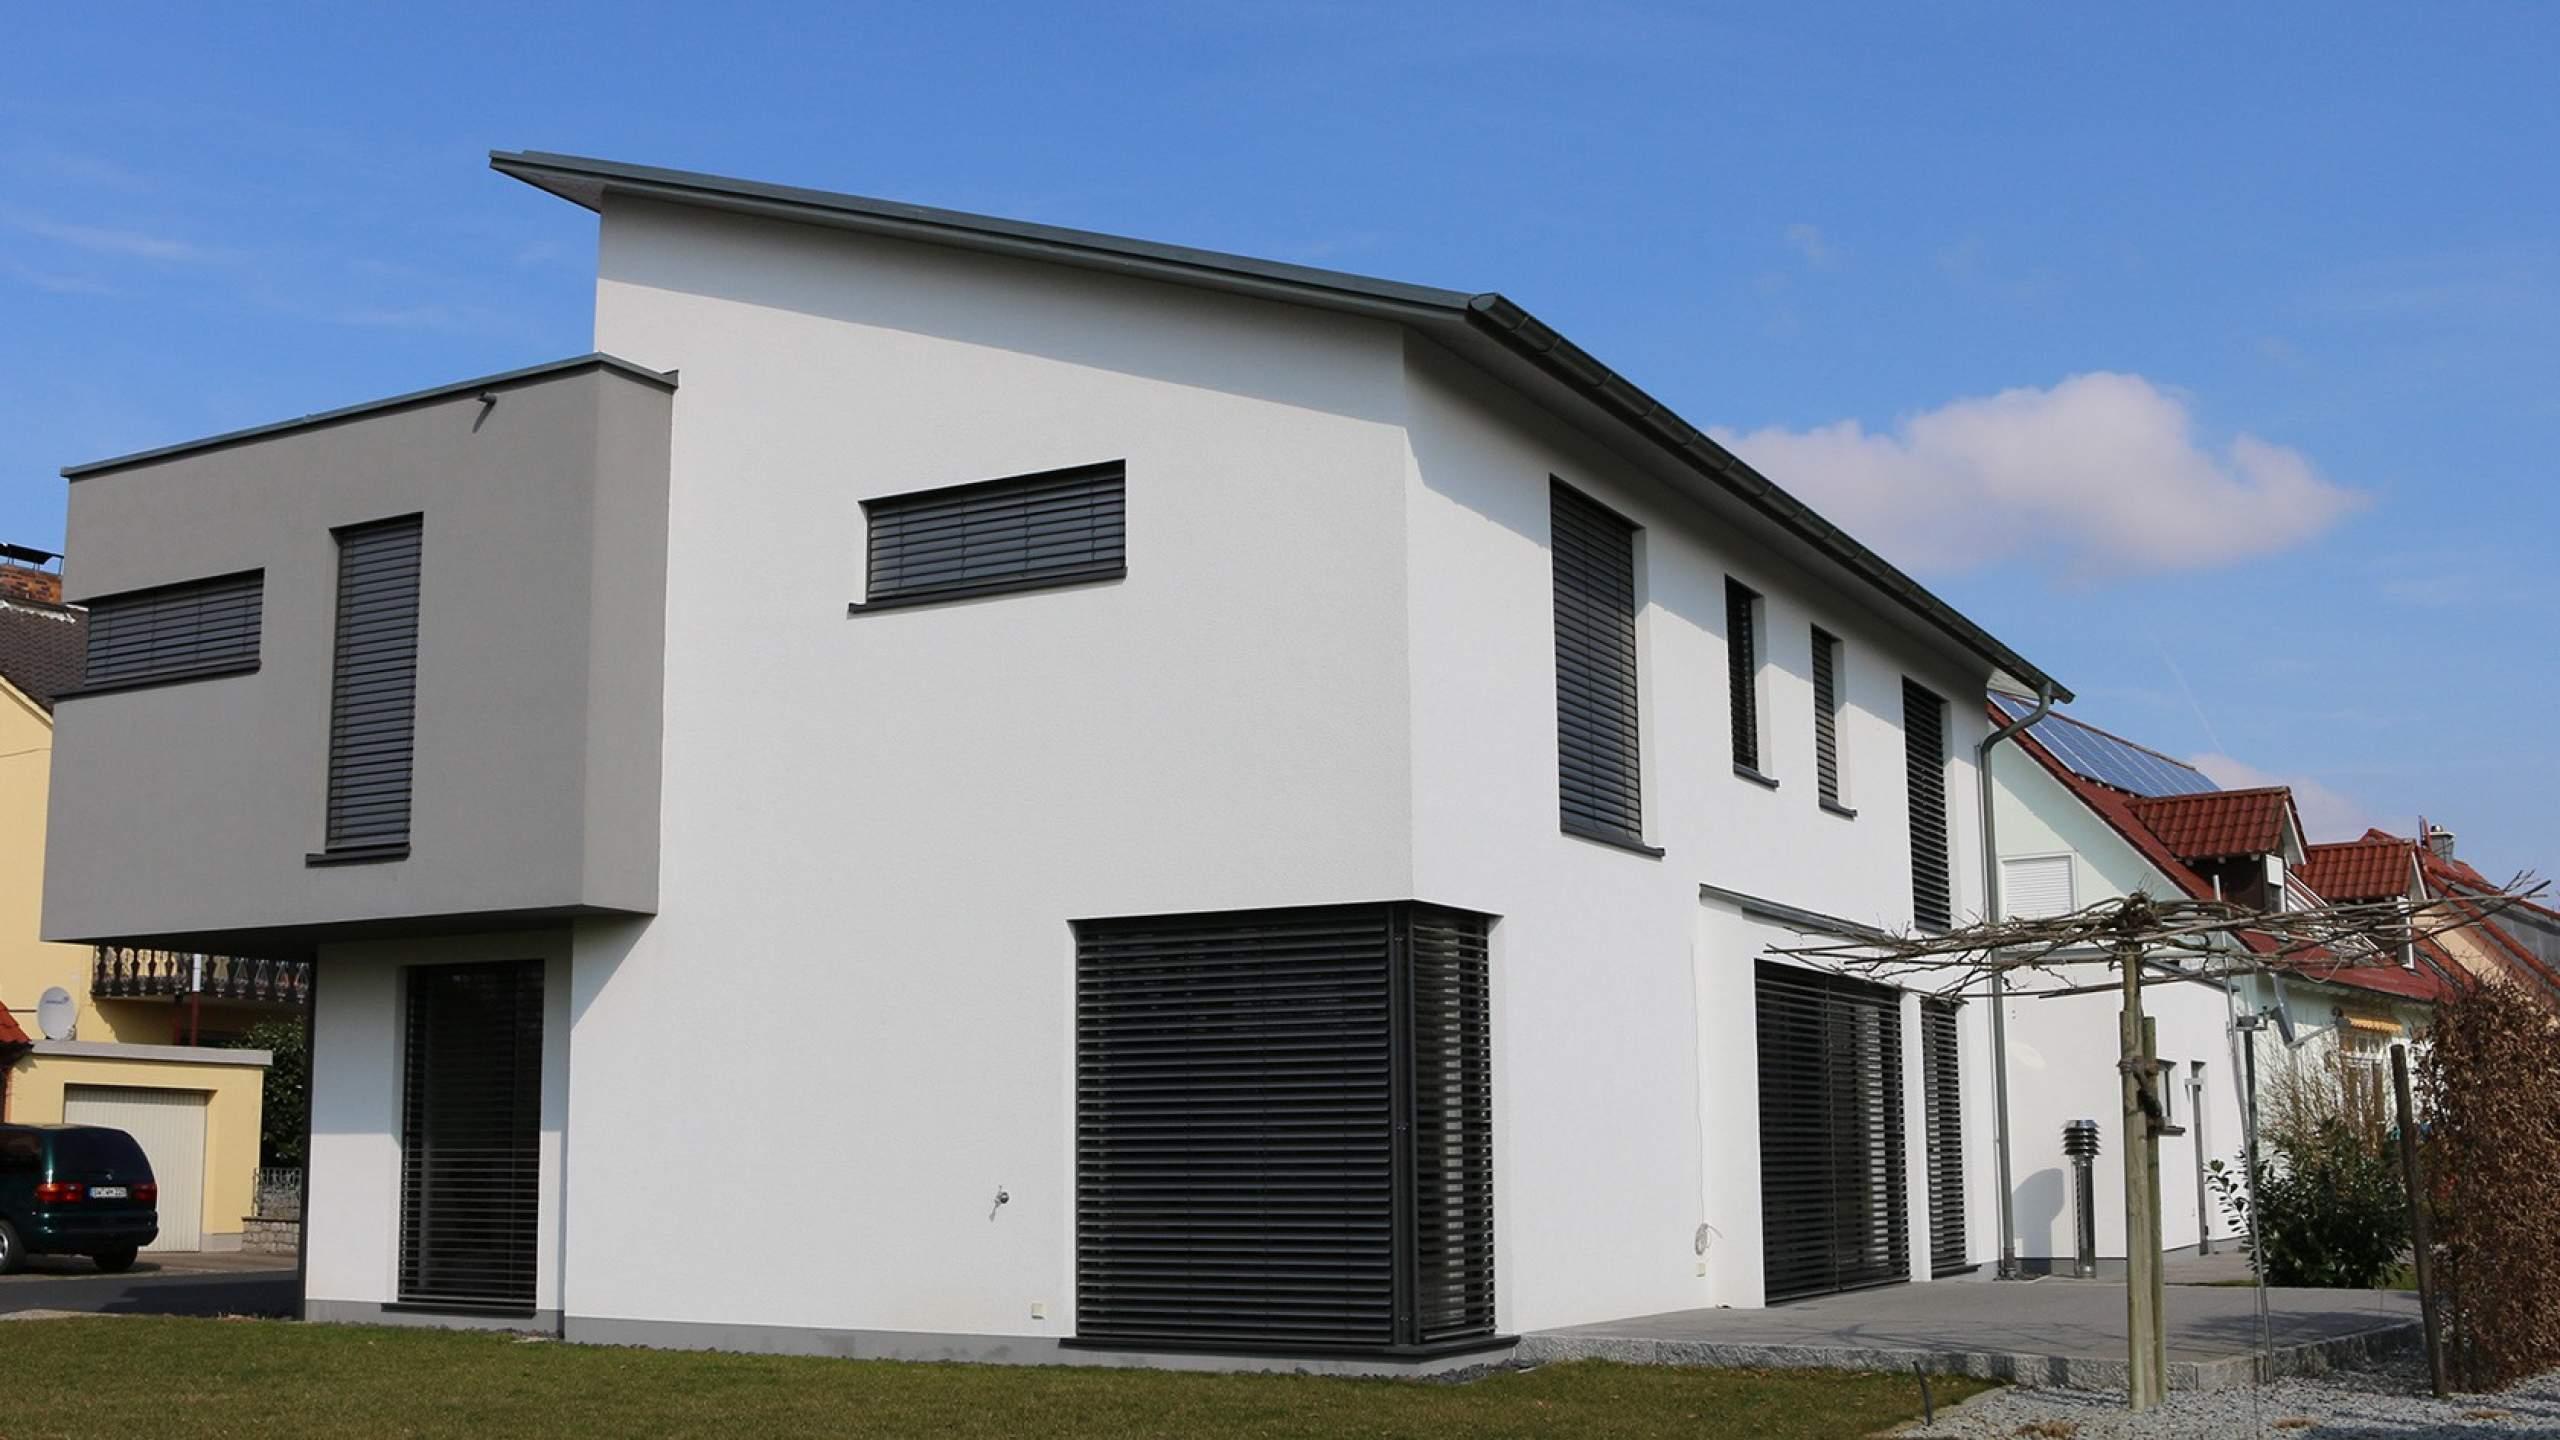 Einfamilienwohnhaus Modern Terrasse